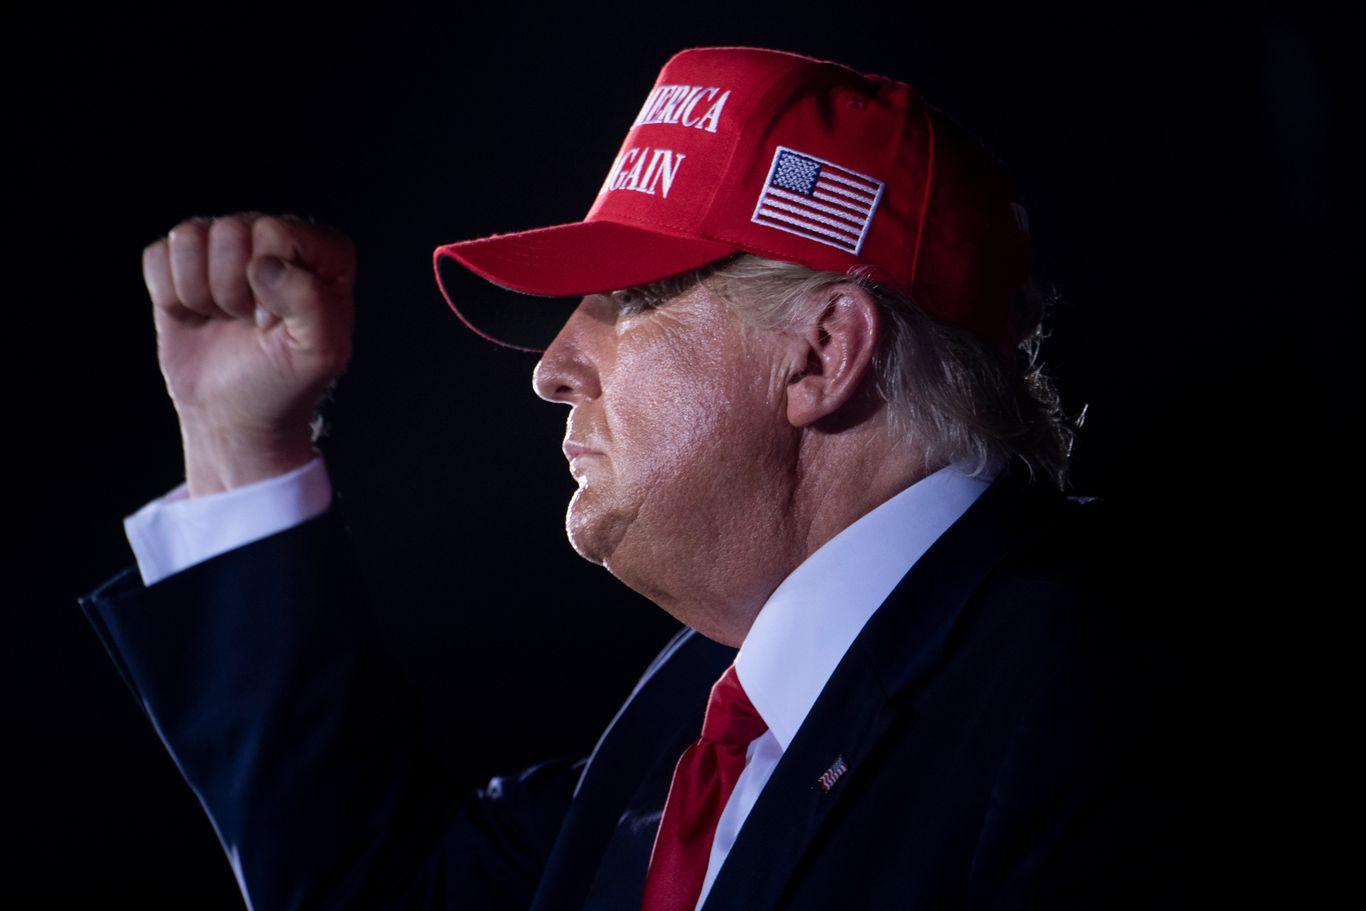 Scoop: Trump privately discussing 2024 run